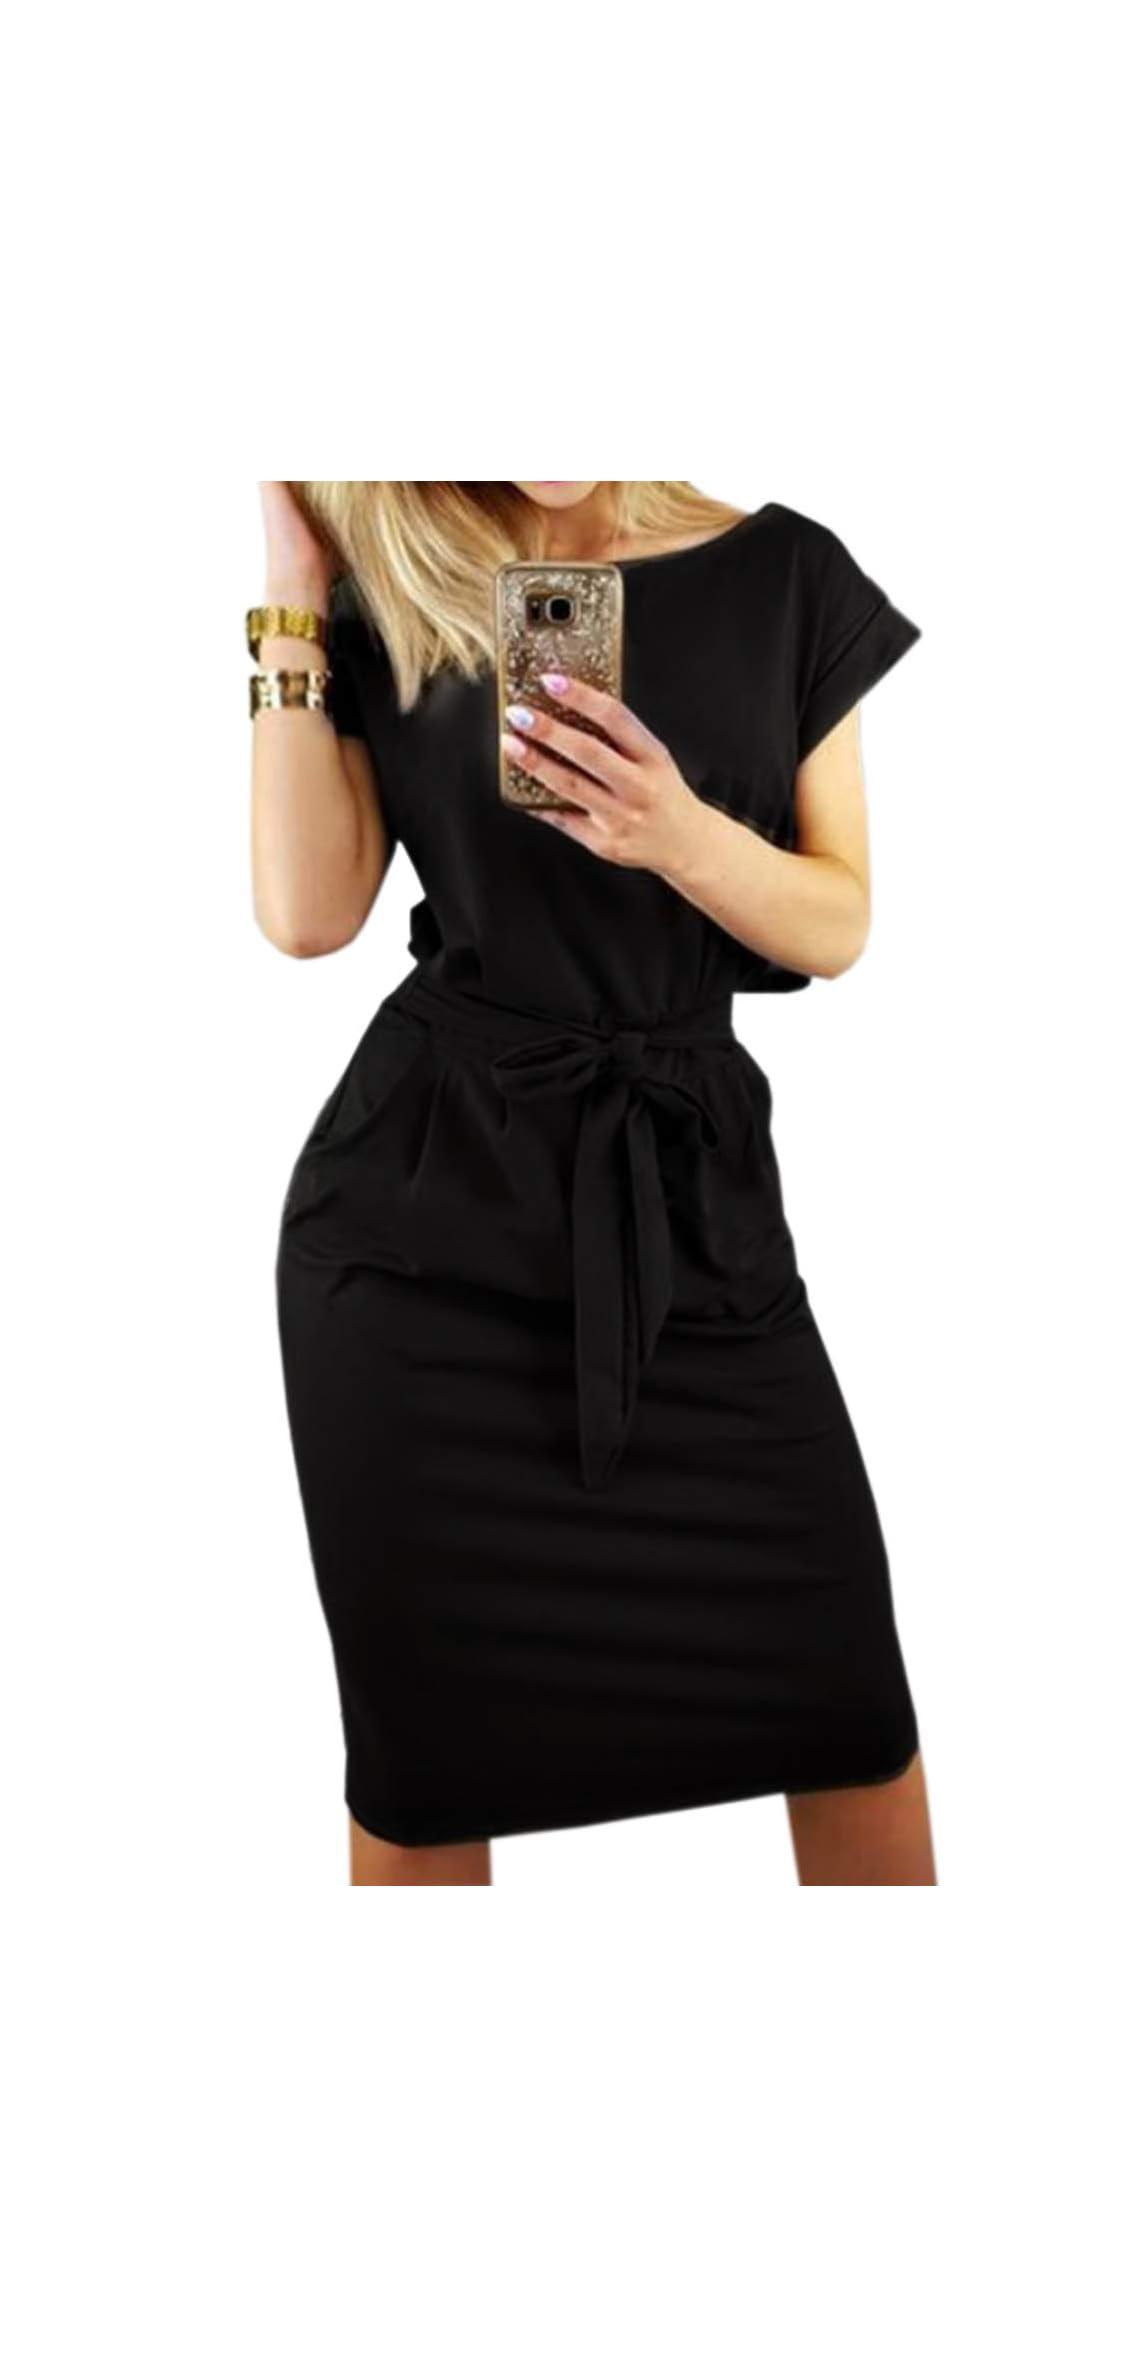 Women's Striped Elegant Short Sleeve Wear To Work Casual